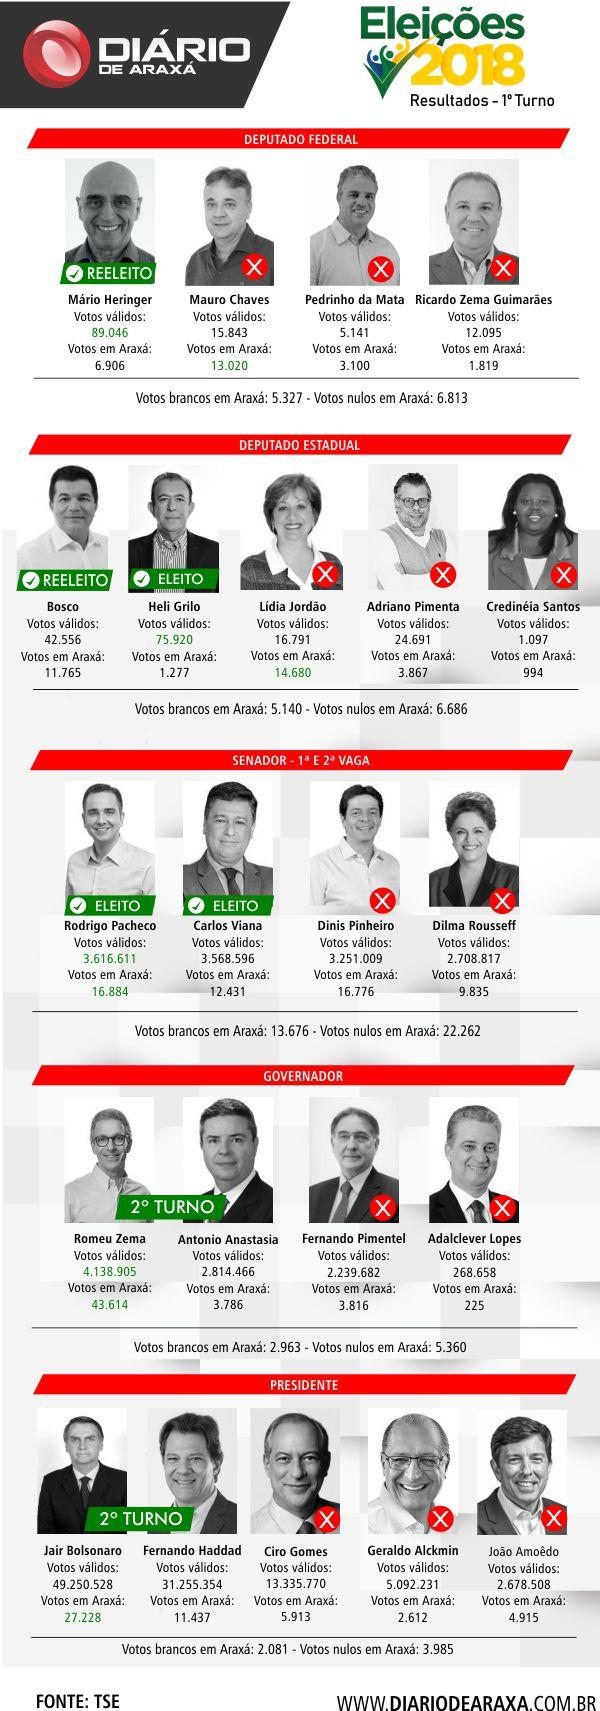 Apuração ao vivo - Eleições 2018 3